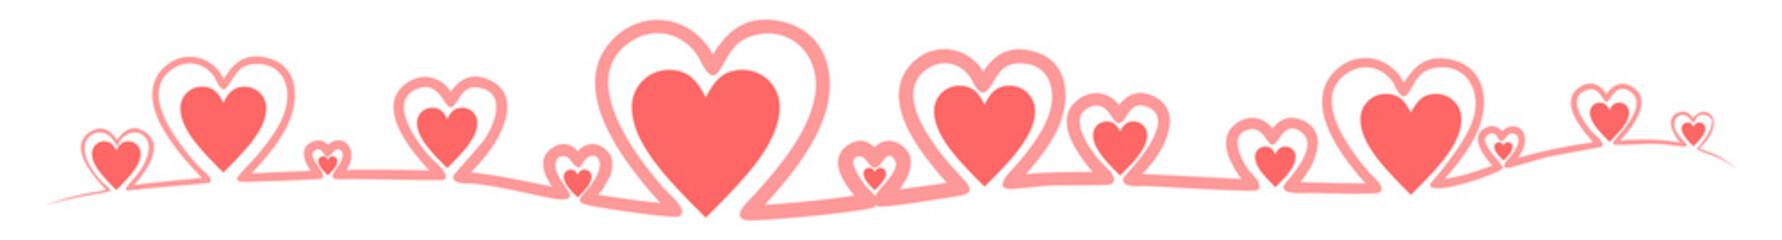 Linie, Banner mit roten Herzen